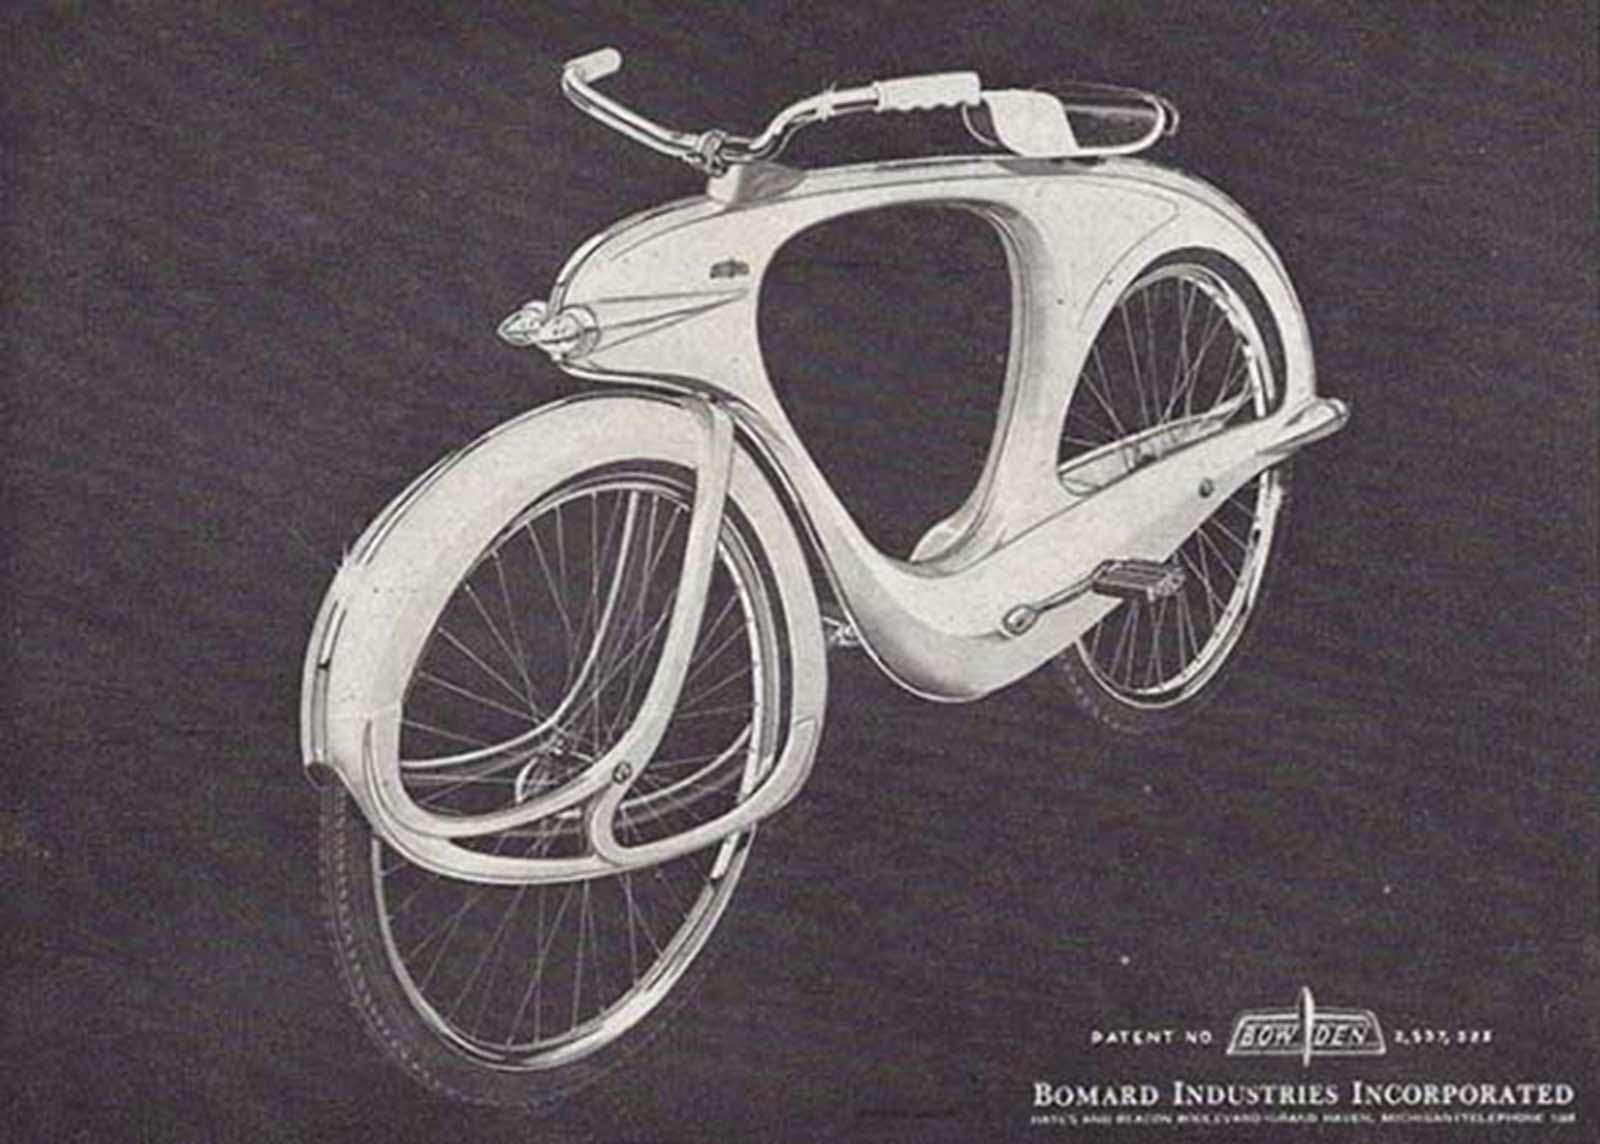 spacelander bicycle history